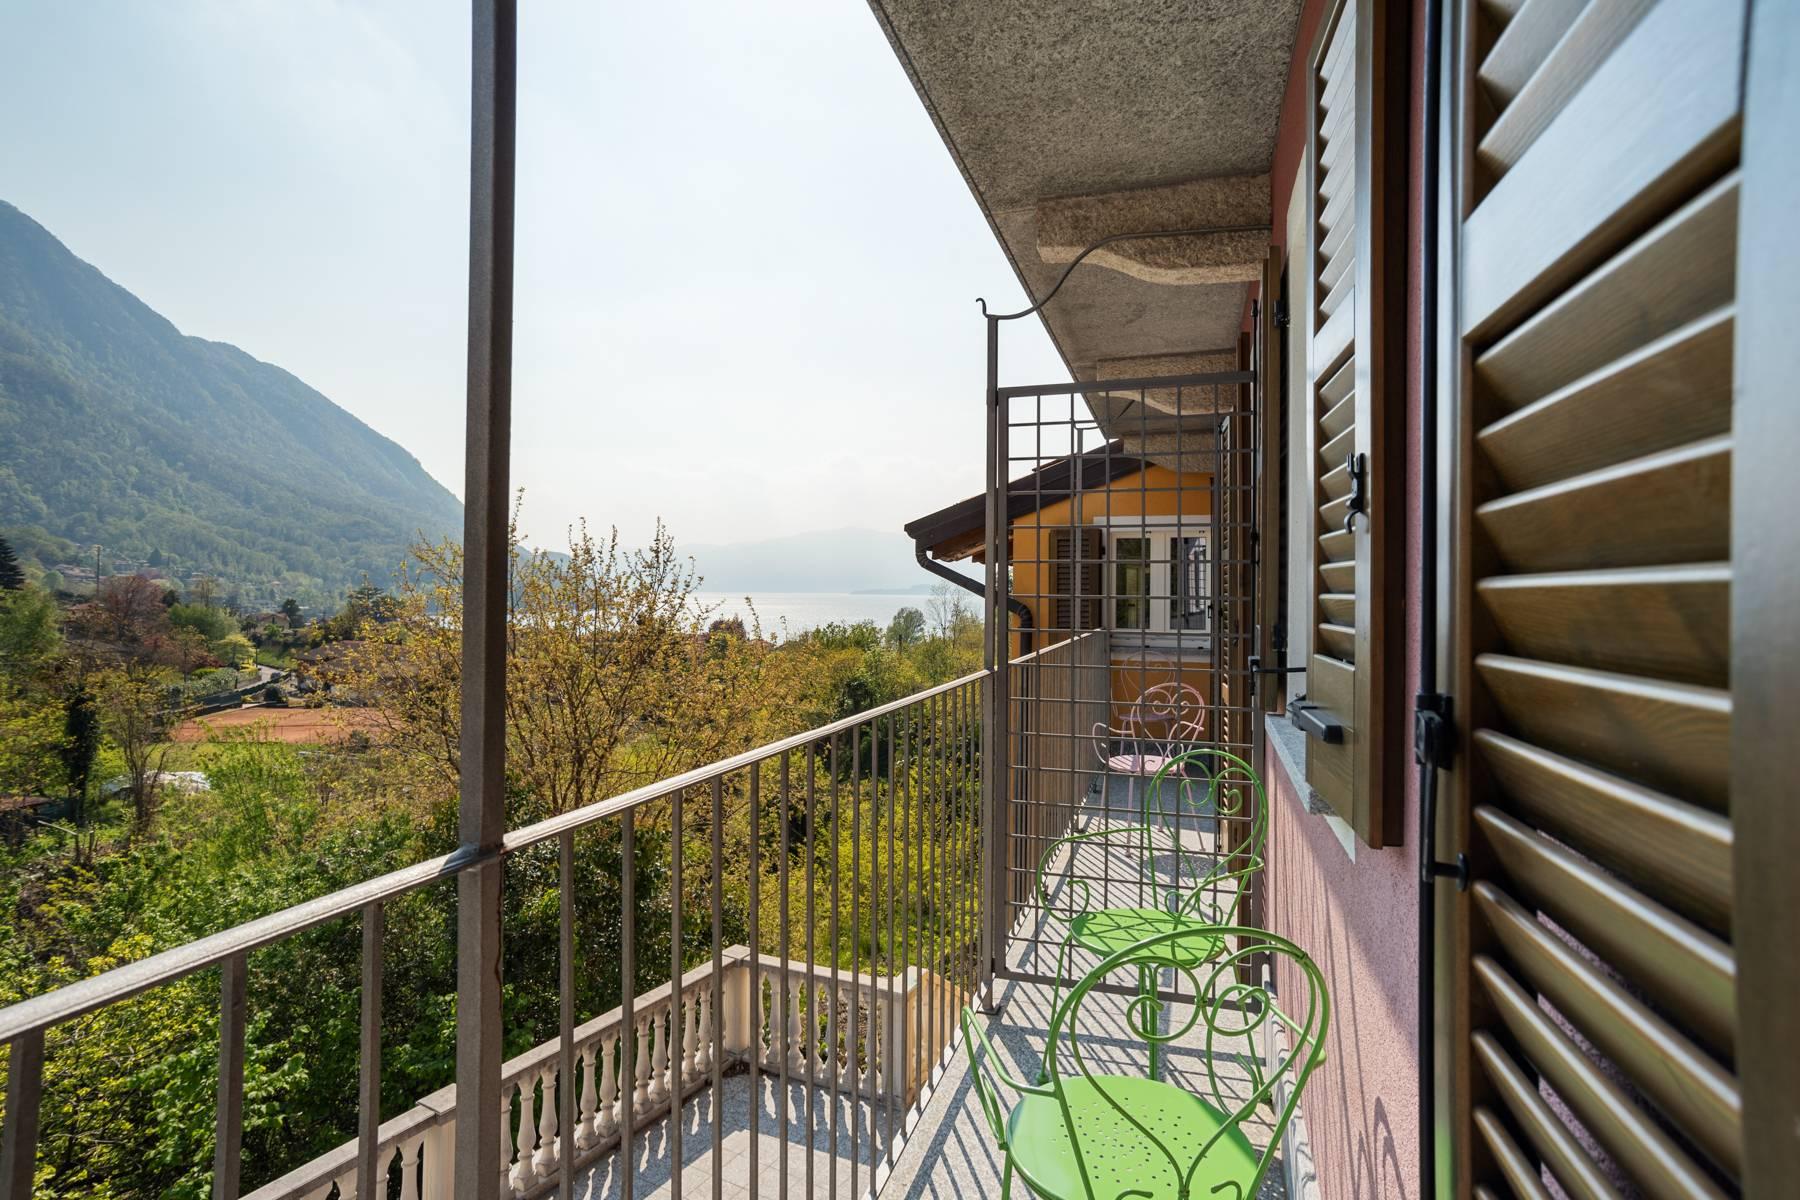 Appartamento in Vendita a Castelveccana: 3 locali, 99 mq - Foto 2